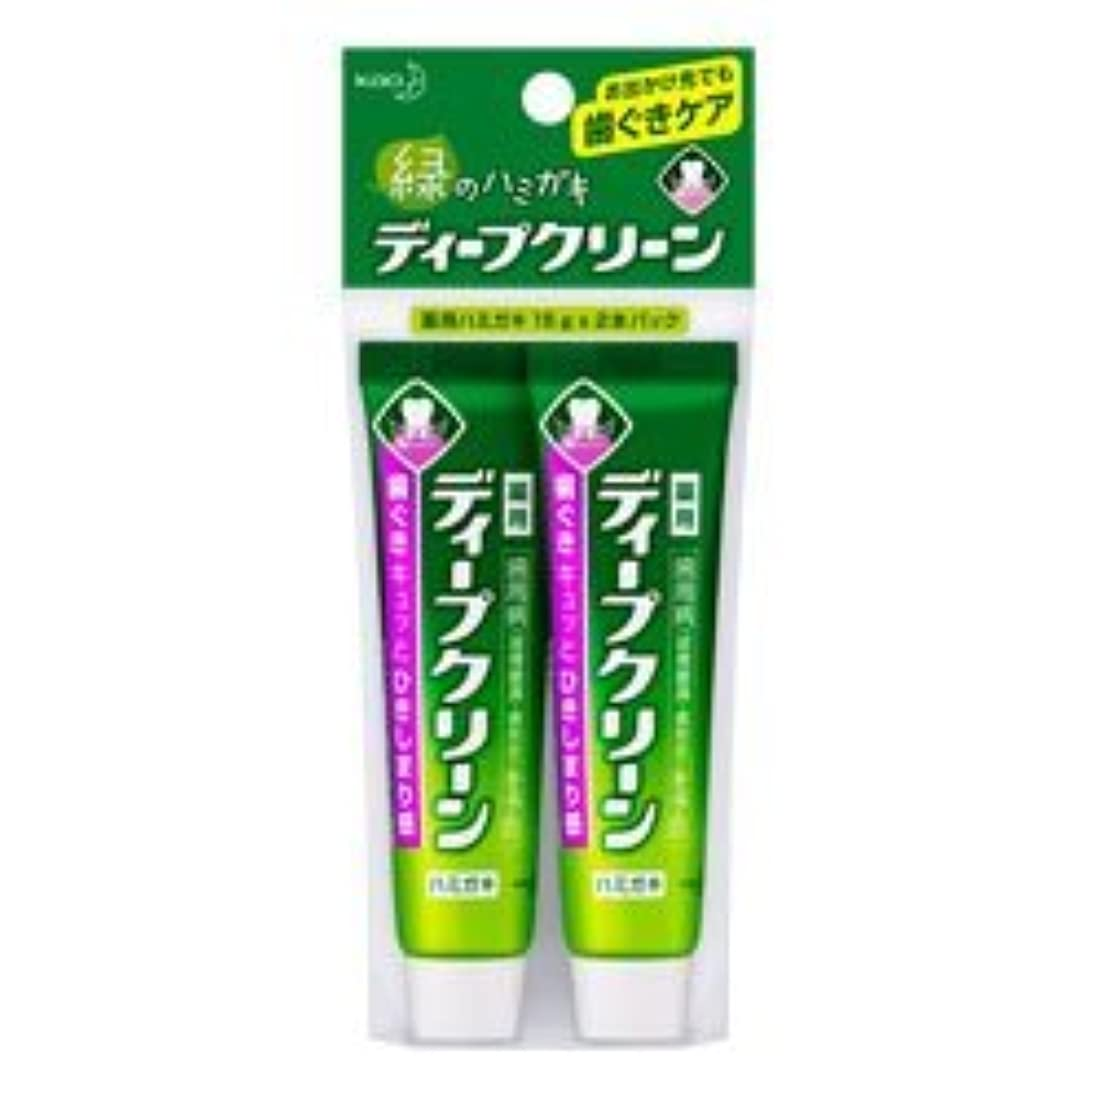 【花王】ディープクリーン 薬用ハミガキ ミニ 15g×2本 ×10個セット